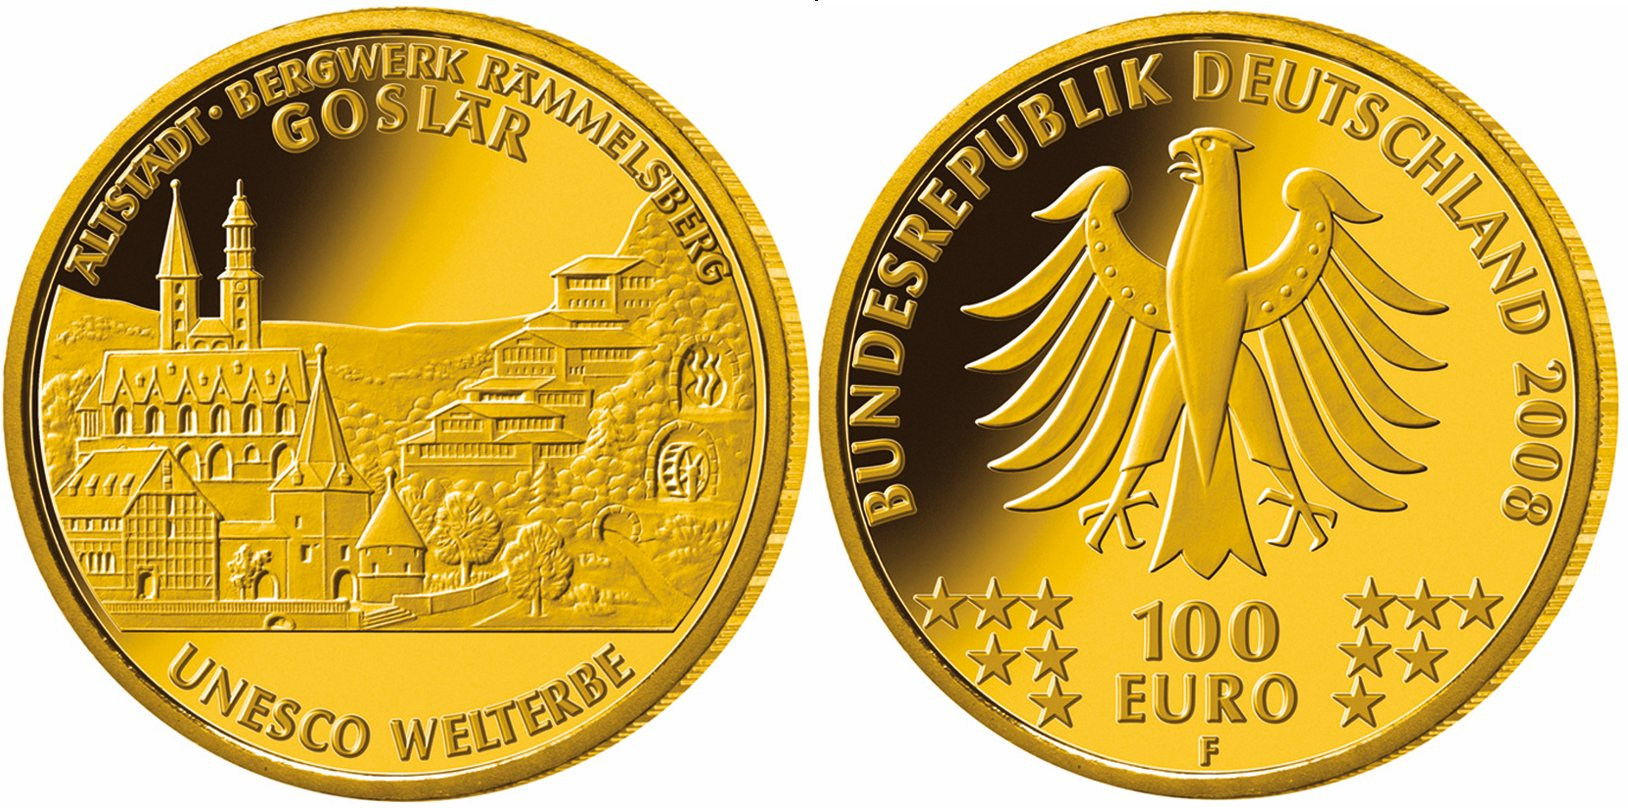 Ausgabepreis Der 100 Euro Goldmünze Goslar Festgelegt